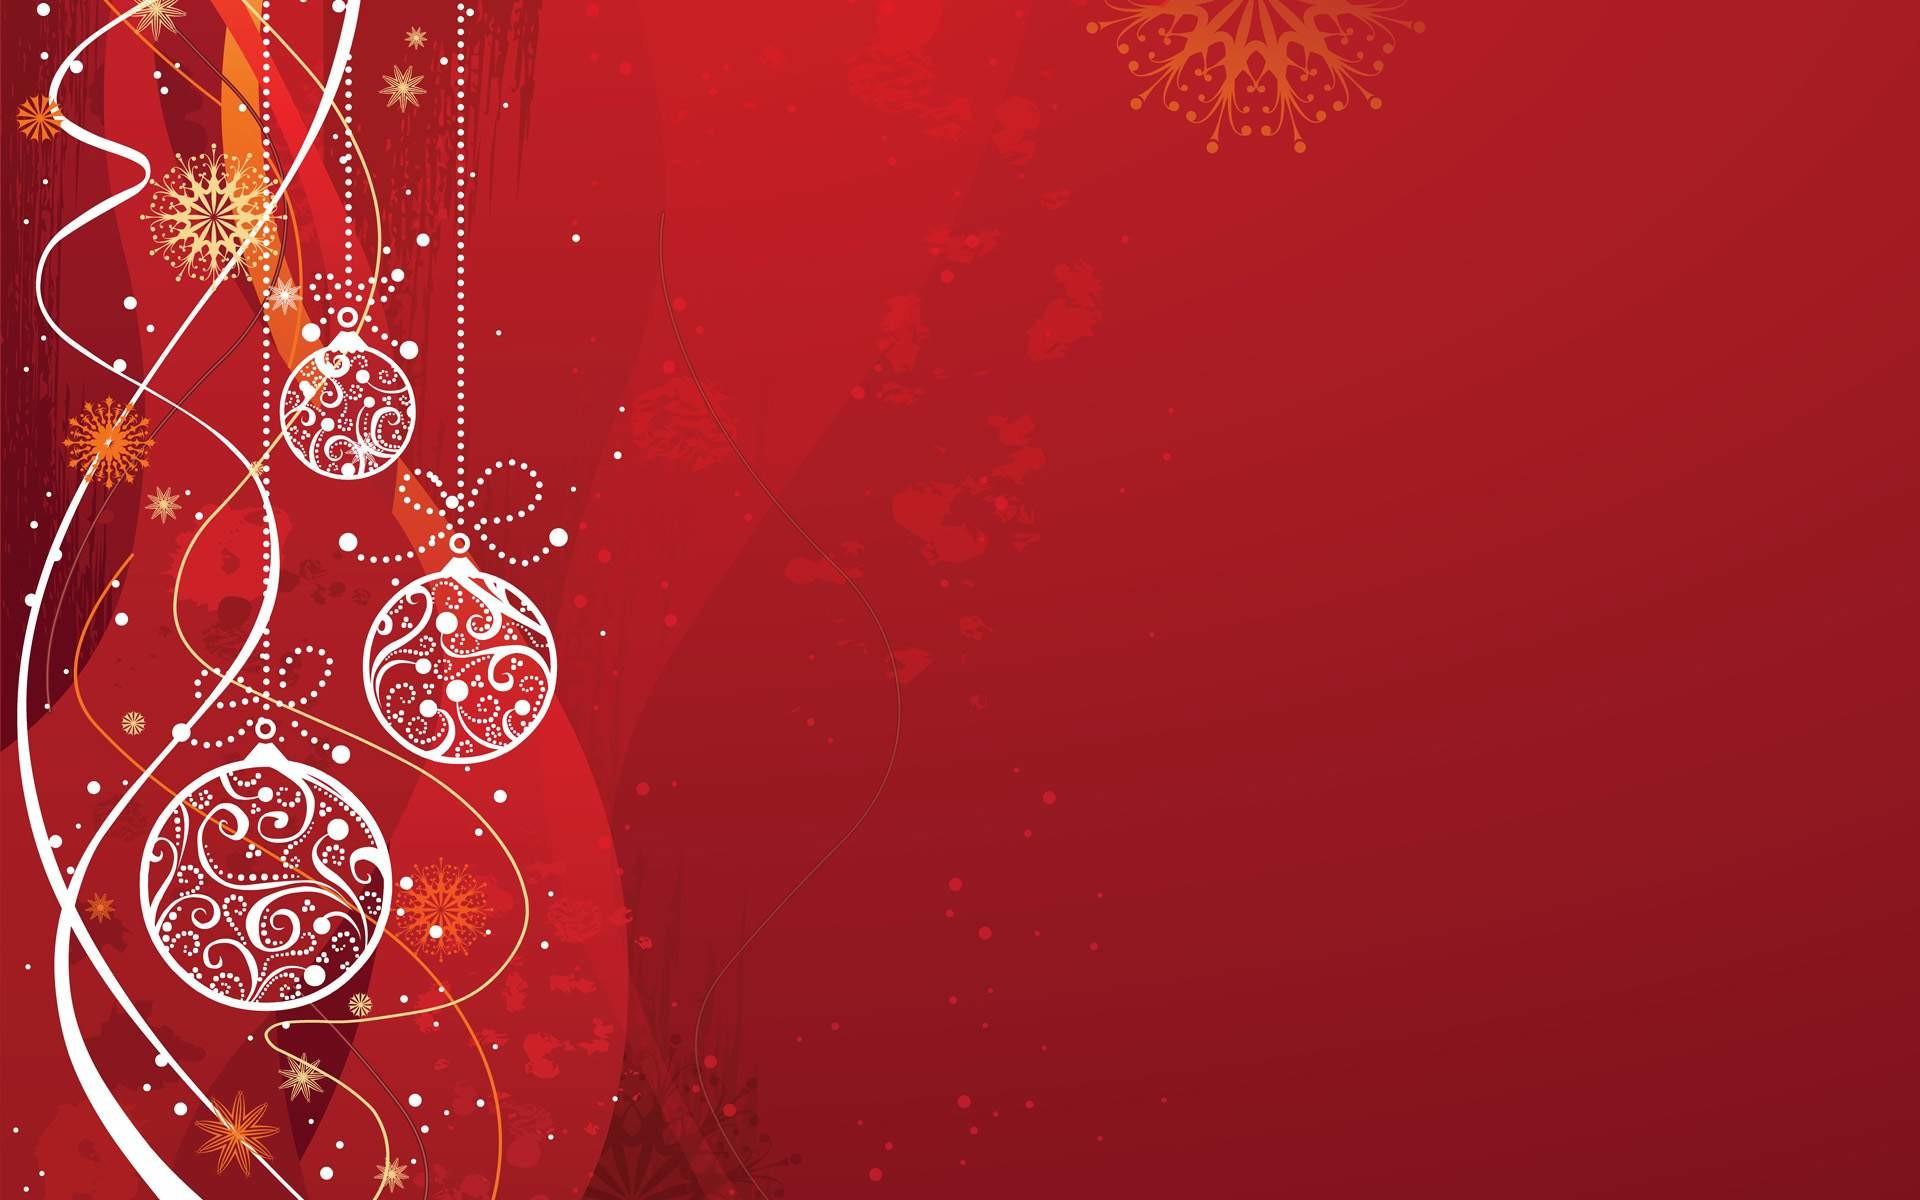 Christmas Background Image ·①